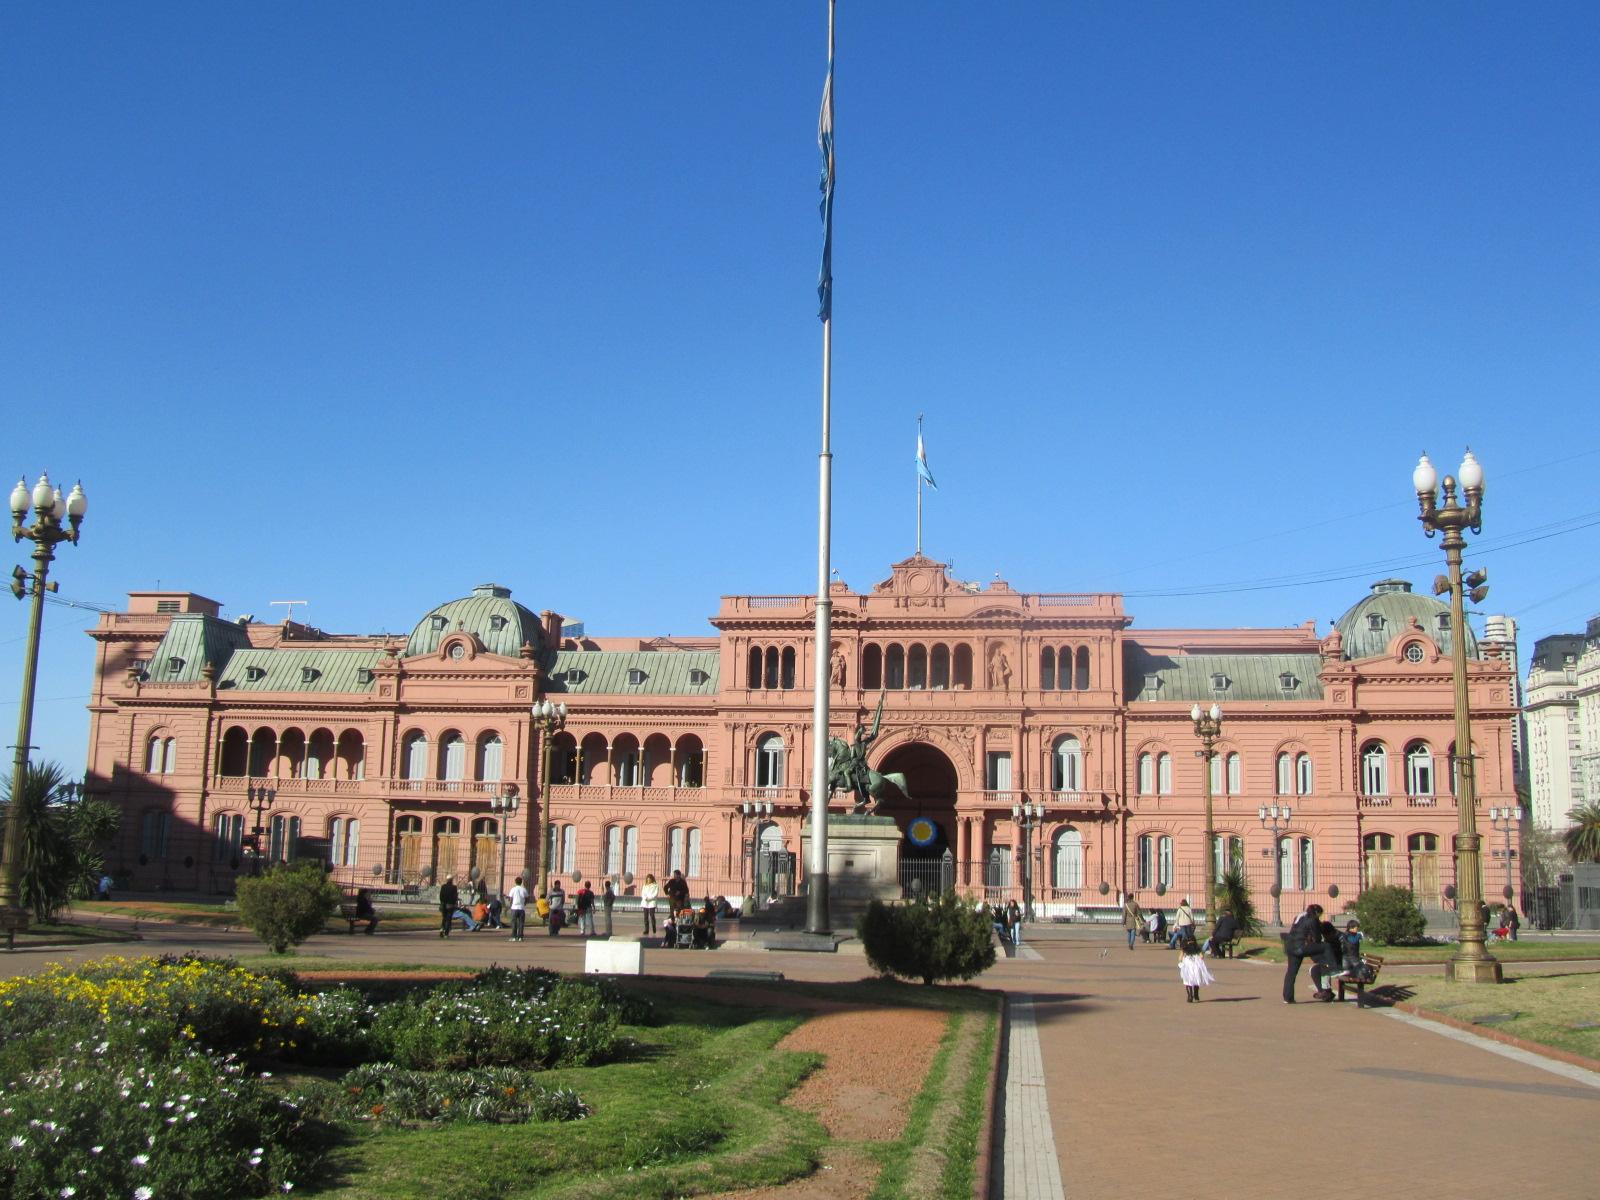 Las 20 casas de gobierno ms lindas del mundo  Goplaceit